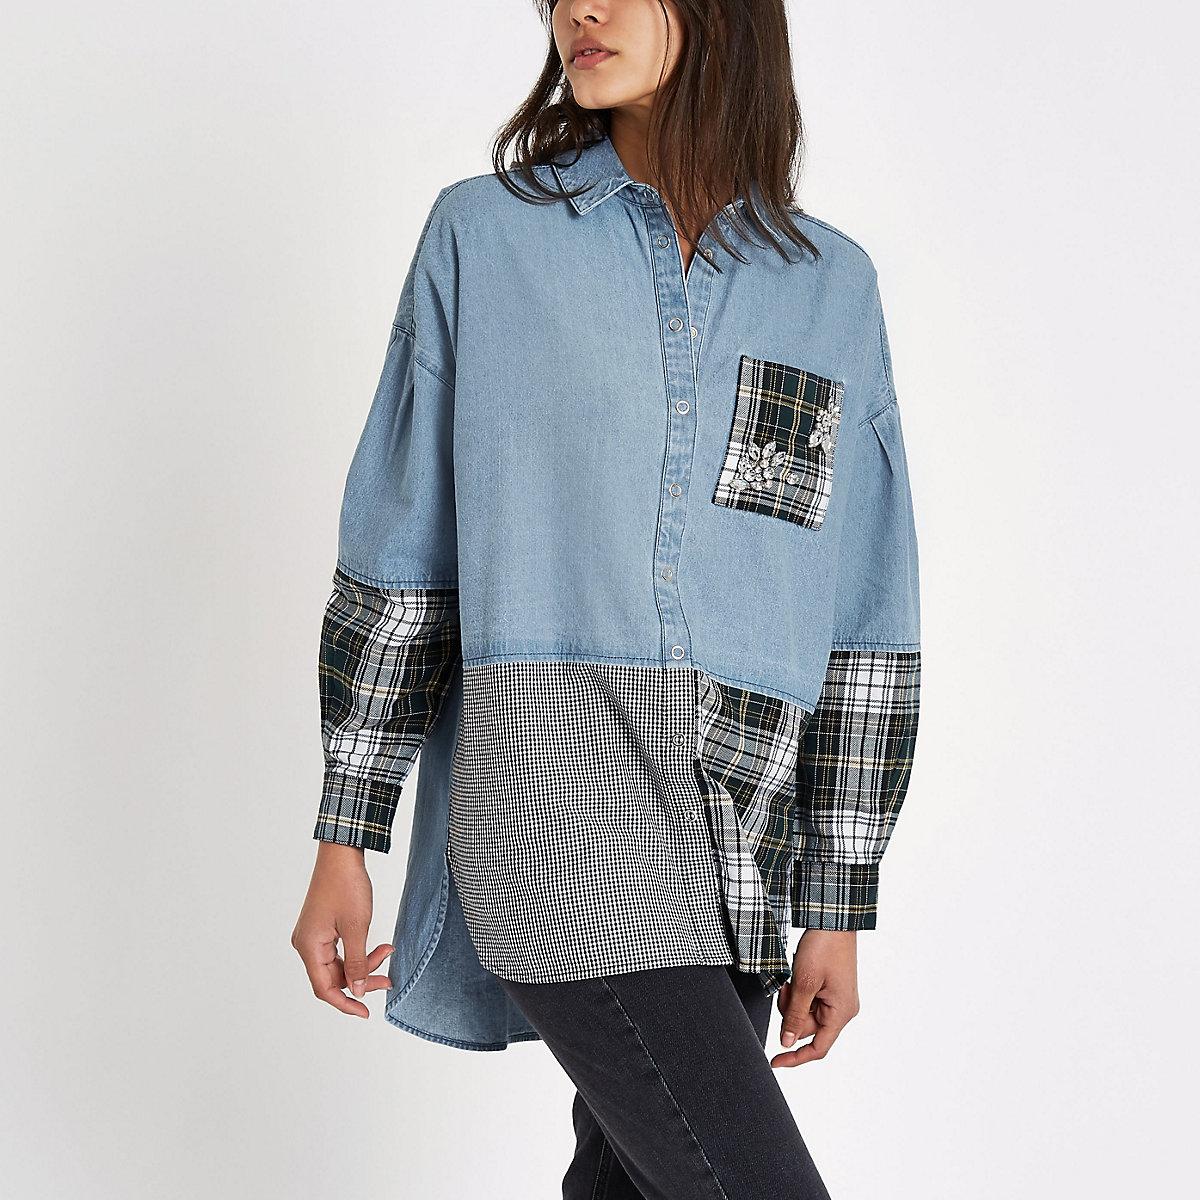 Blue check diamante patchwork denim shirt